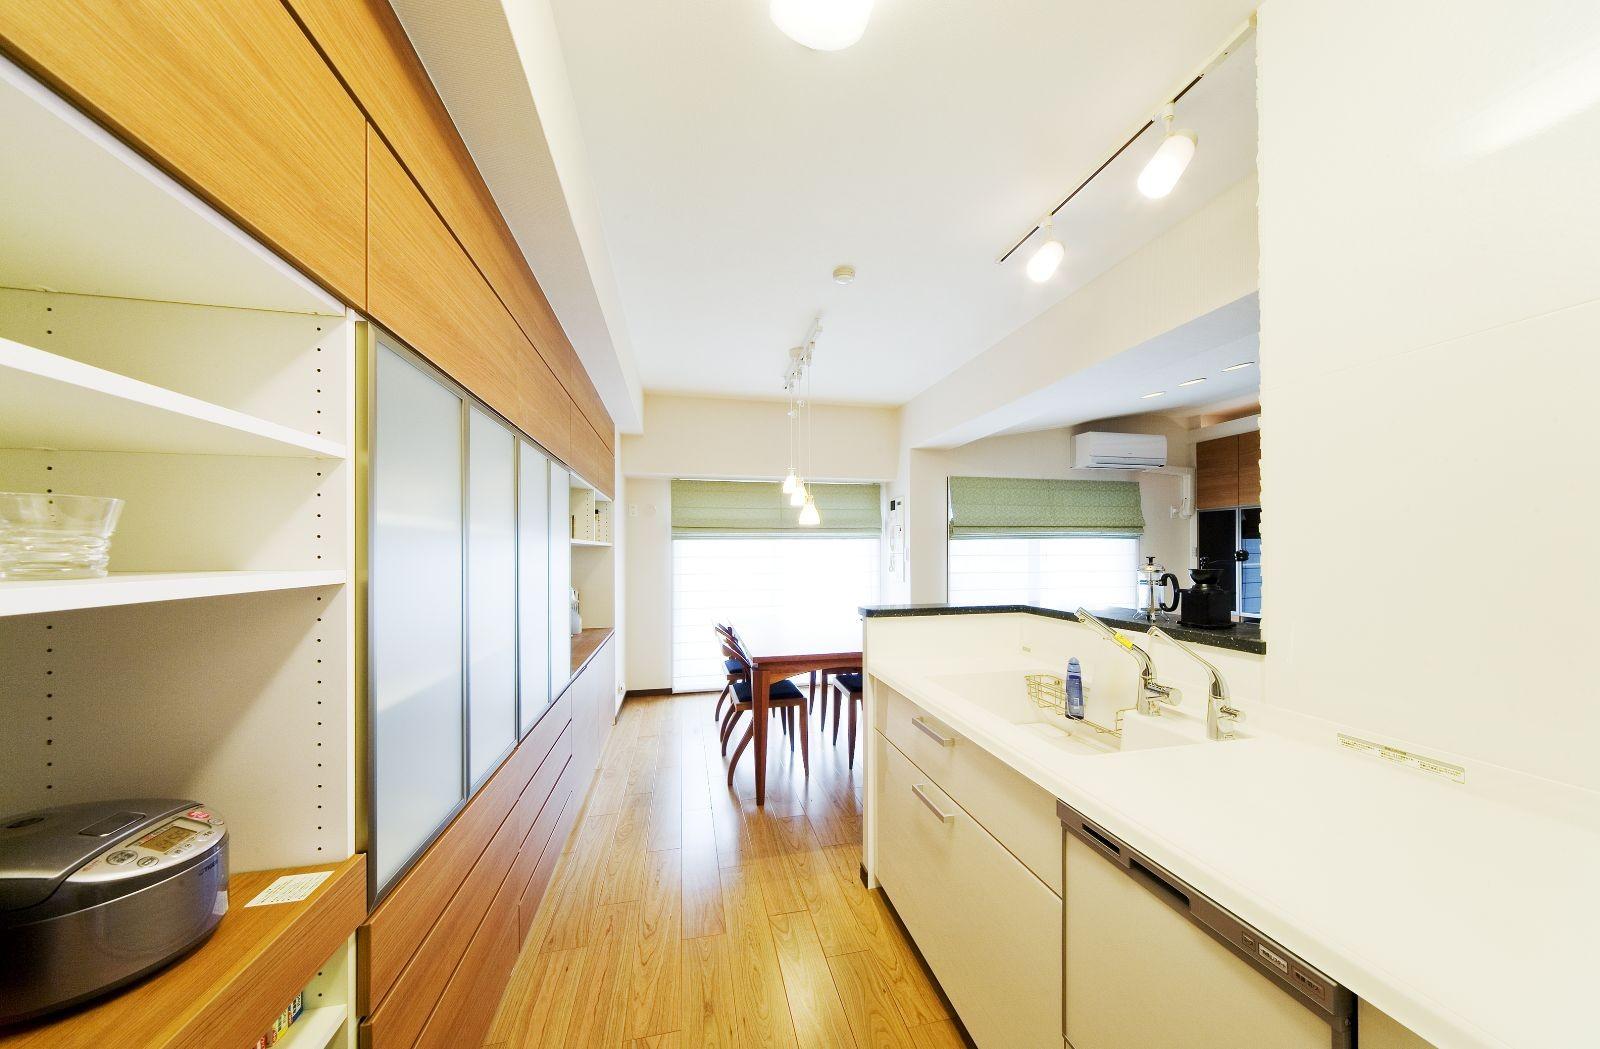 キッチン事例:キッチン(モダンでくつろぎのあるデザイン)